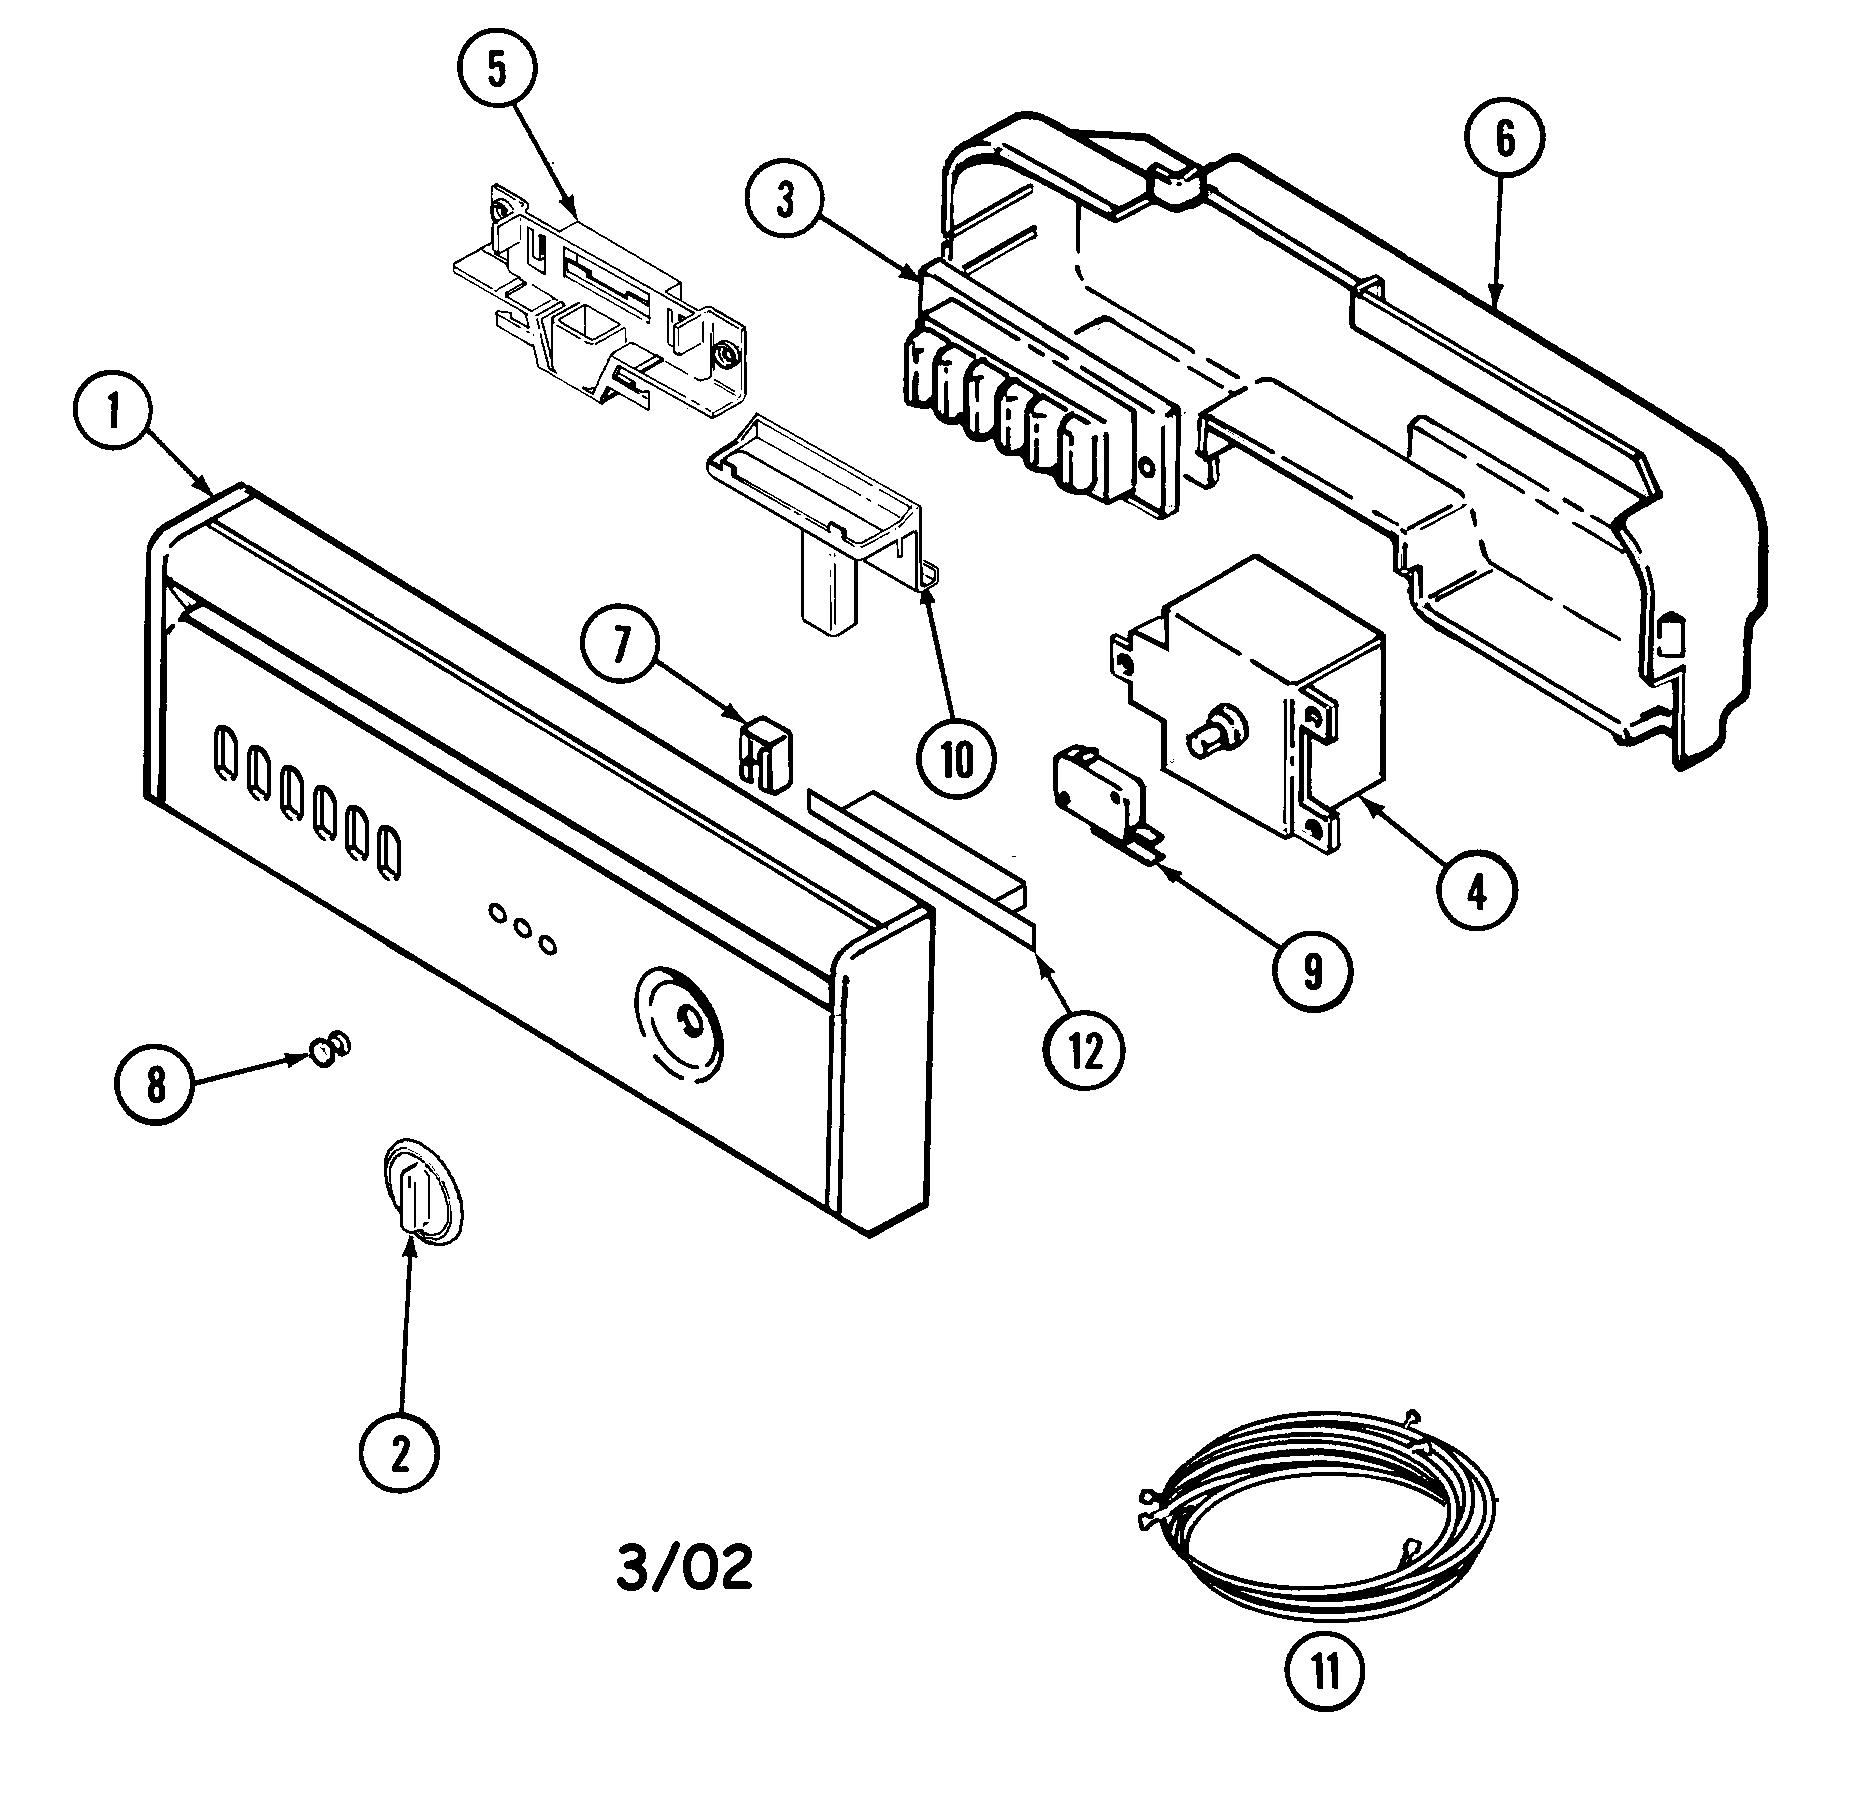 hight resolution of maytag mdb5000aww control panel diagram